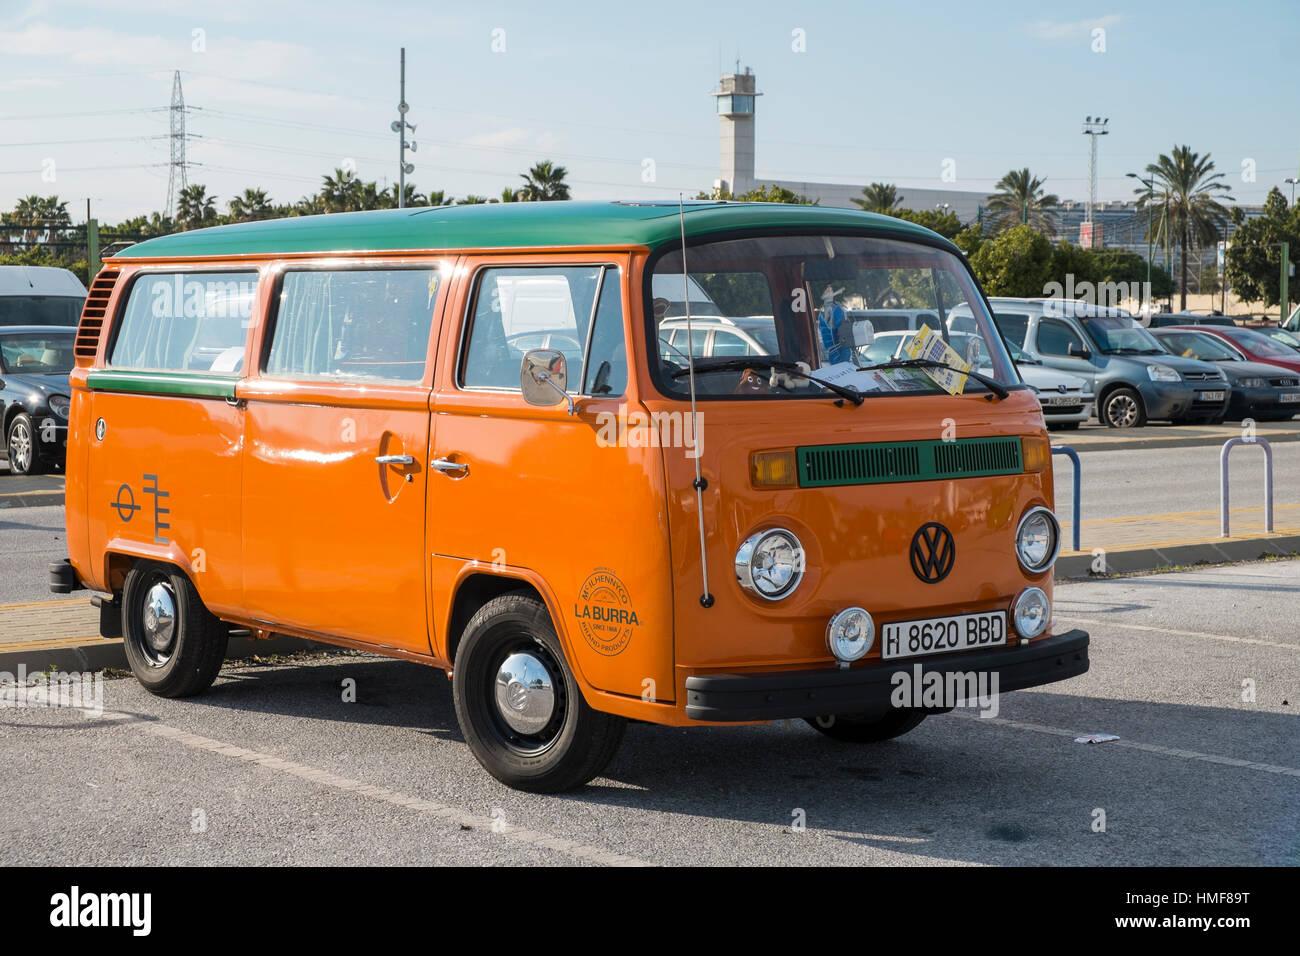 Volkswagen van - Stock Image